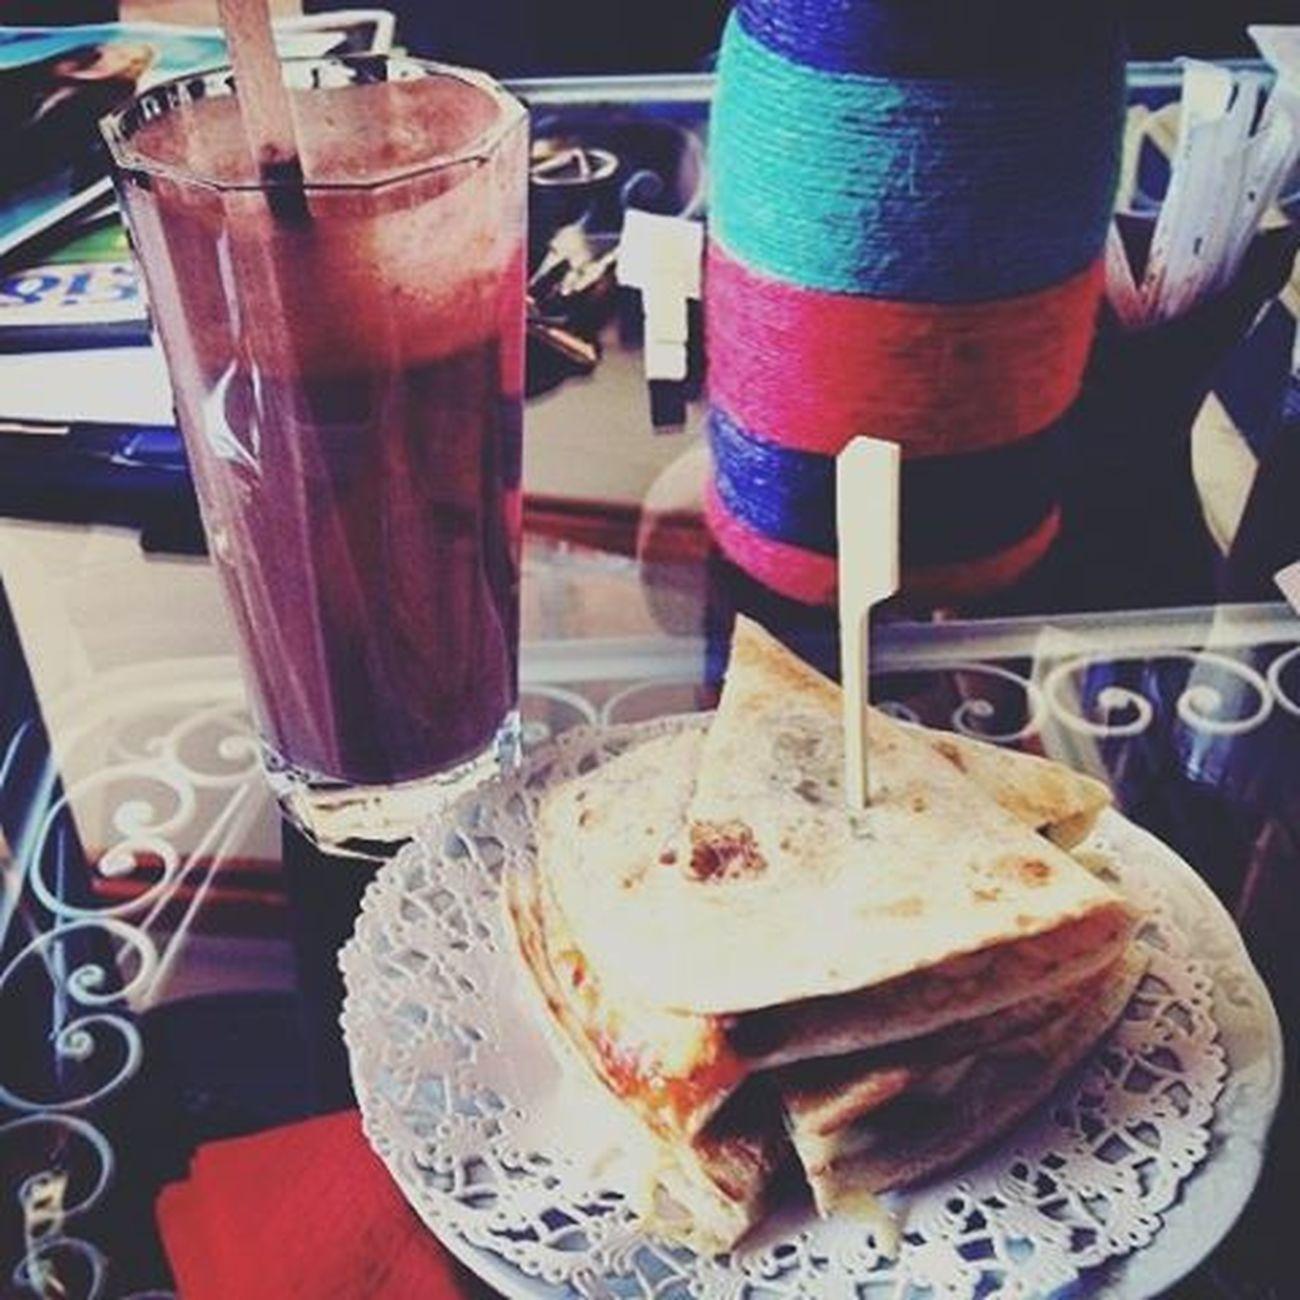 """Με περίμενε στο """"τραπέζι της Ματίλντας"""" για το happy nameday μου.🎈 Blepapagaloss Home μεταξουργείο Namedaytoday ταμωραμουμεταϊζουνε ποσοσασαγαπαω νελλη πετρο μικα τζενη ιλιανα αννα γιωργο αλεξανδρε ειστεταπιοερωρευσιμαμογγολασεολητηνελλαδα αλήθεια τοεννοω μεσυγκινησατεπαλιοπαιδα ασταδιαλα 😚"""